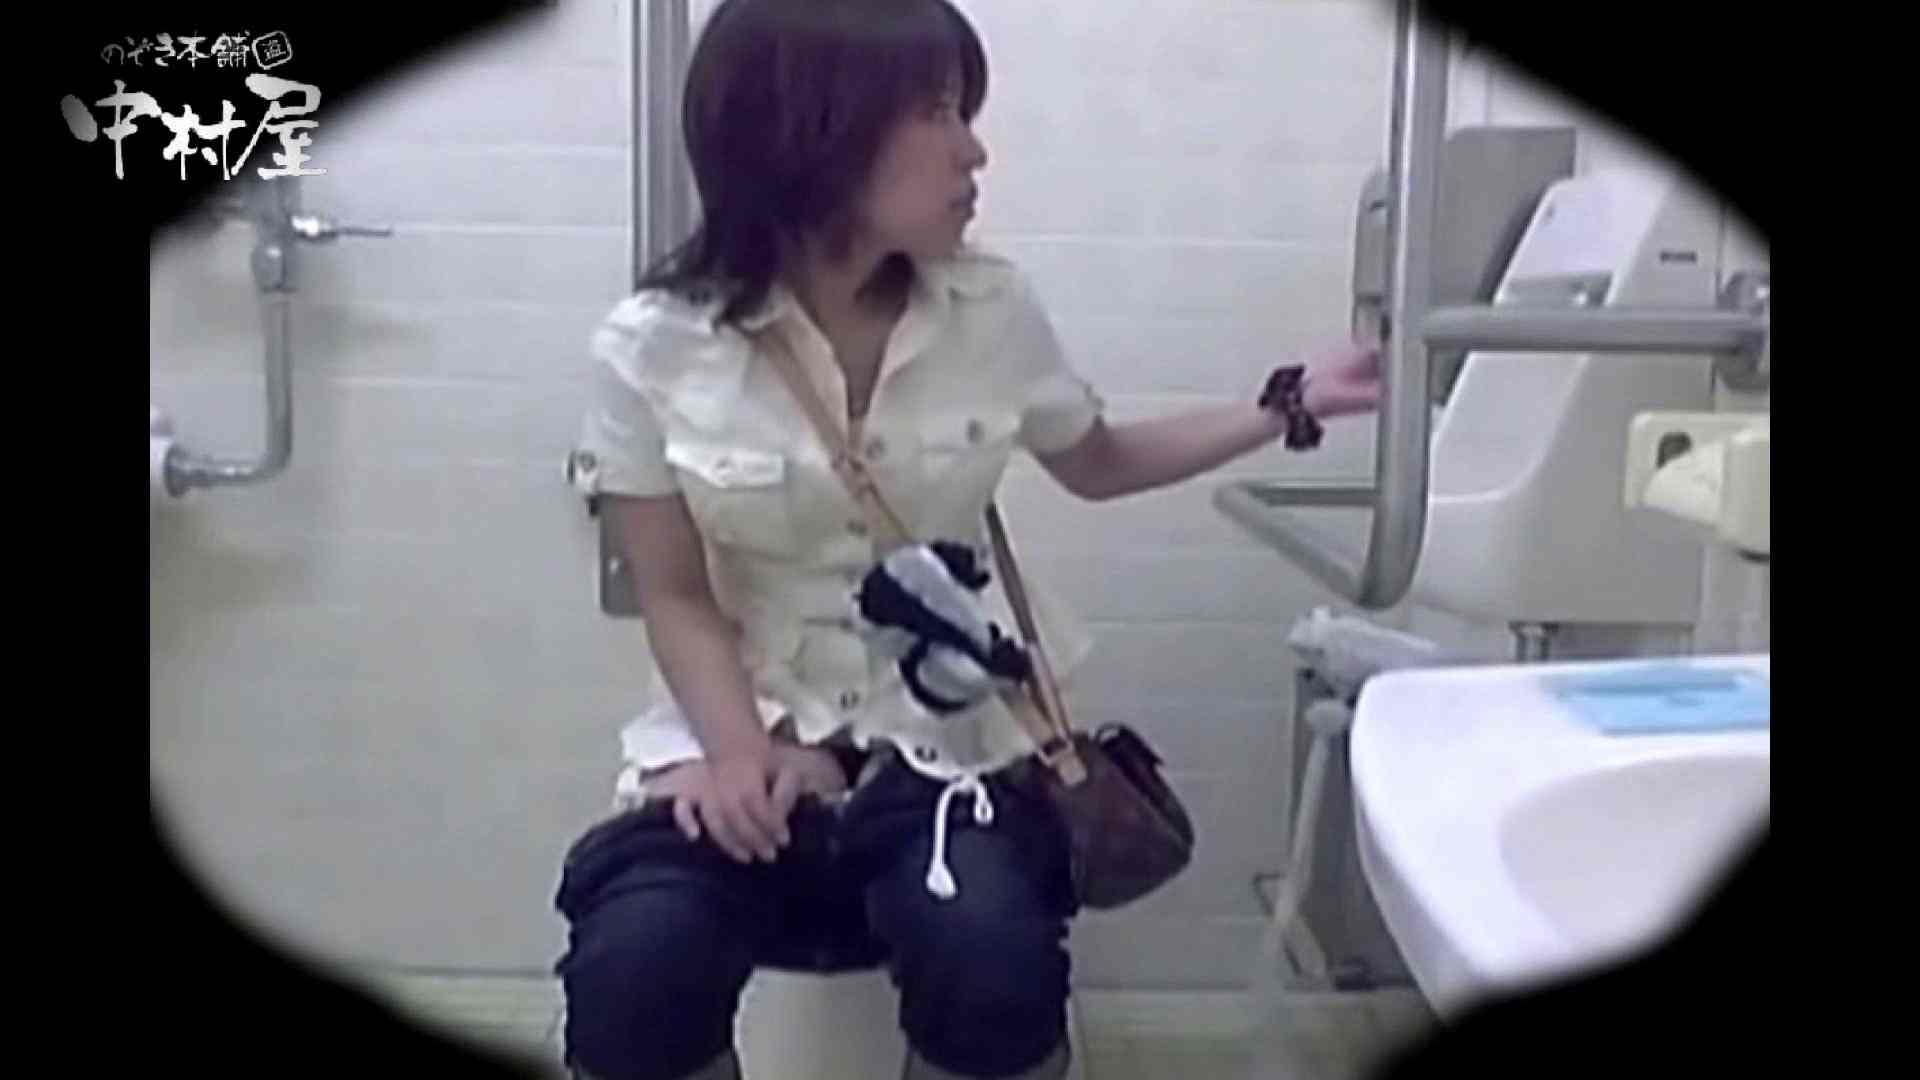 teen galトイレ覗き紙がナイ編‼vol.13 覗き   浴衣  59pic 55